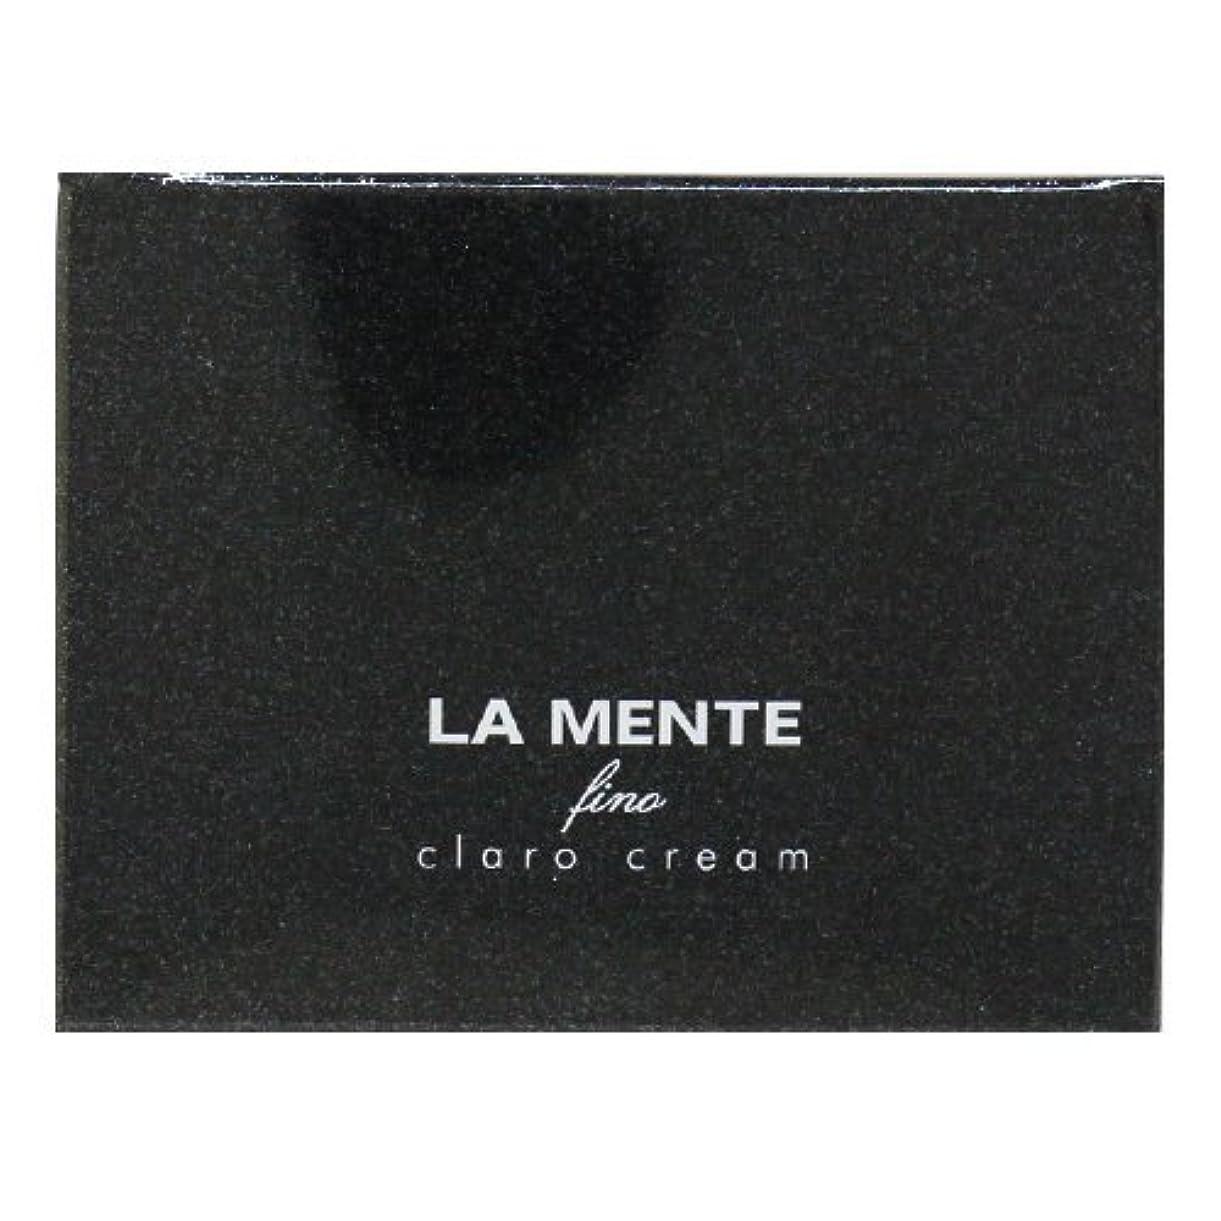 南方の愛する曇ったラメンテ フィーノ クラロクリーム 40g (4543802600963)